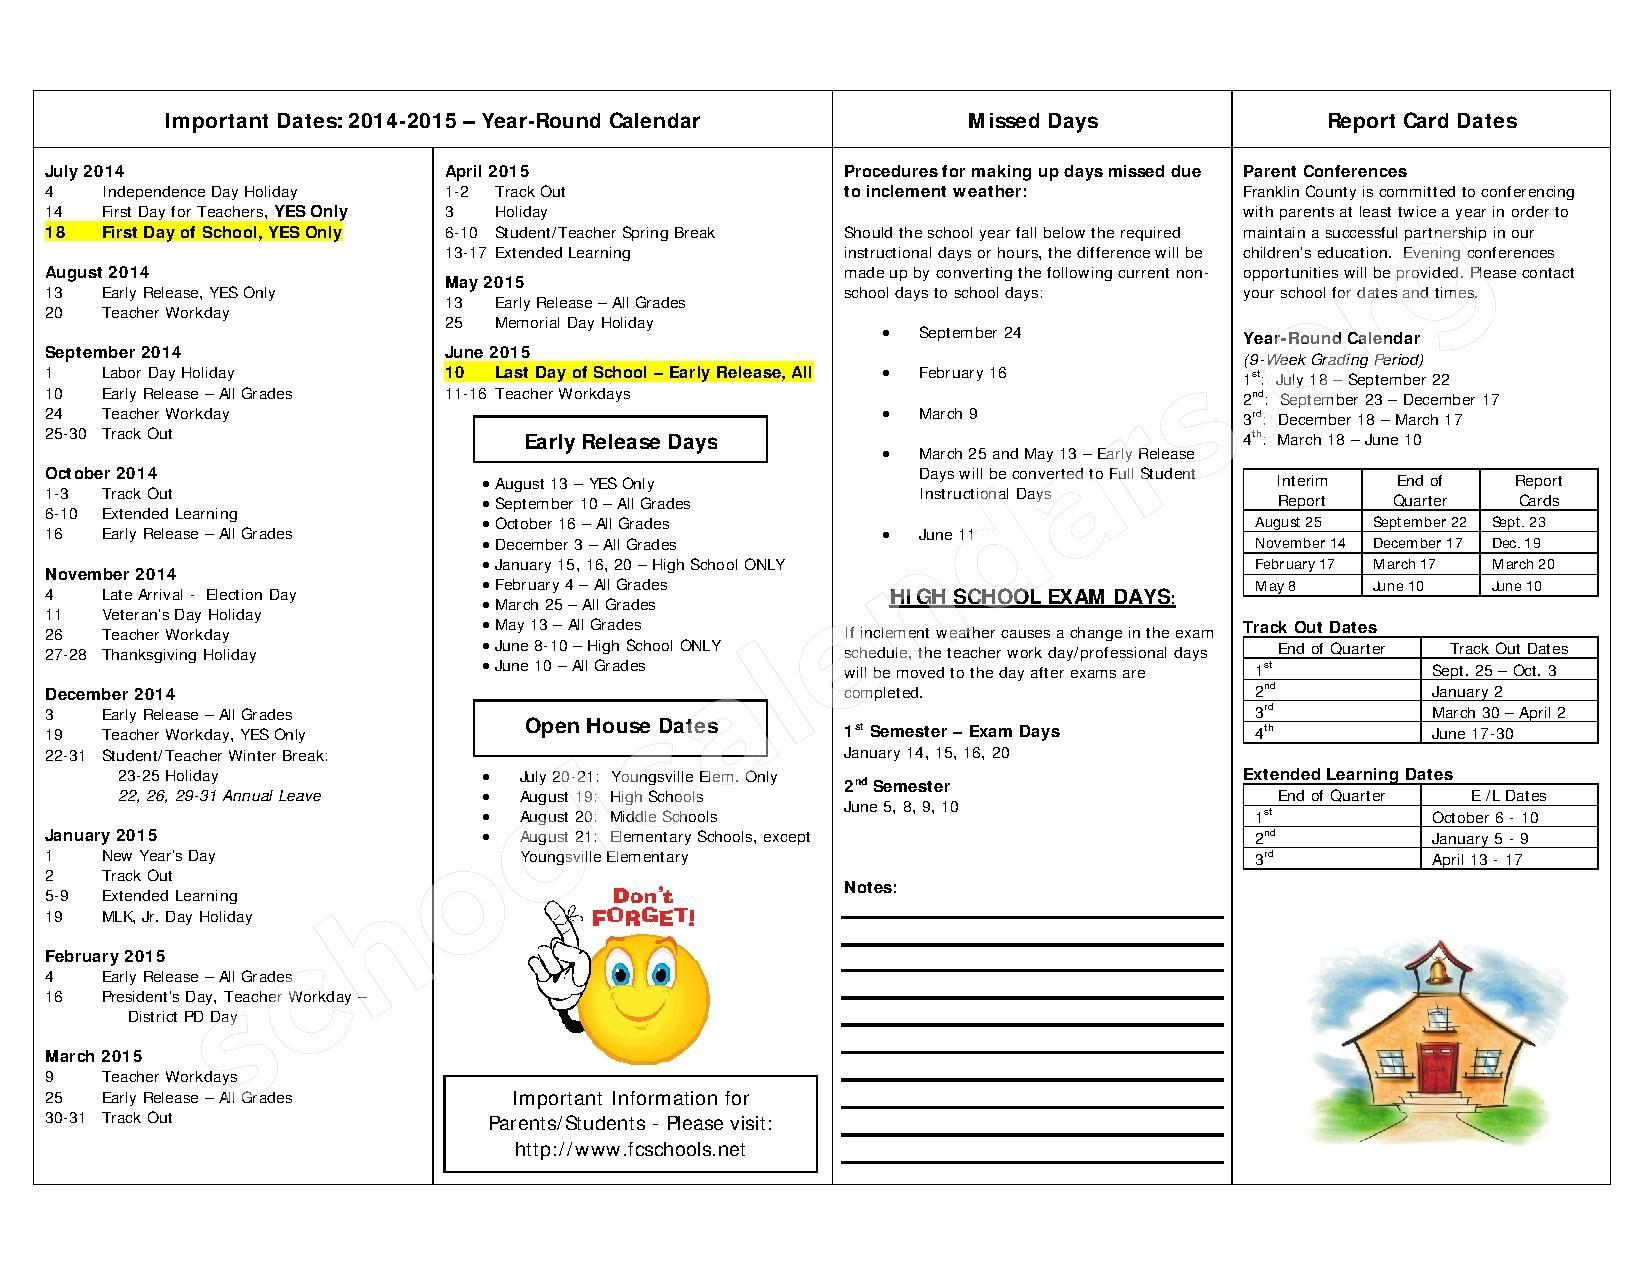 Year Round Calendar Durham Public Schools : Year round school calendar franklin county